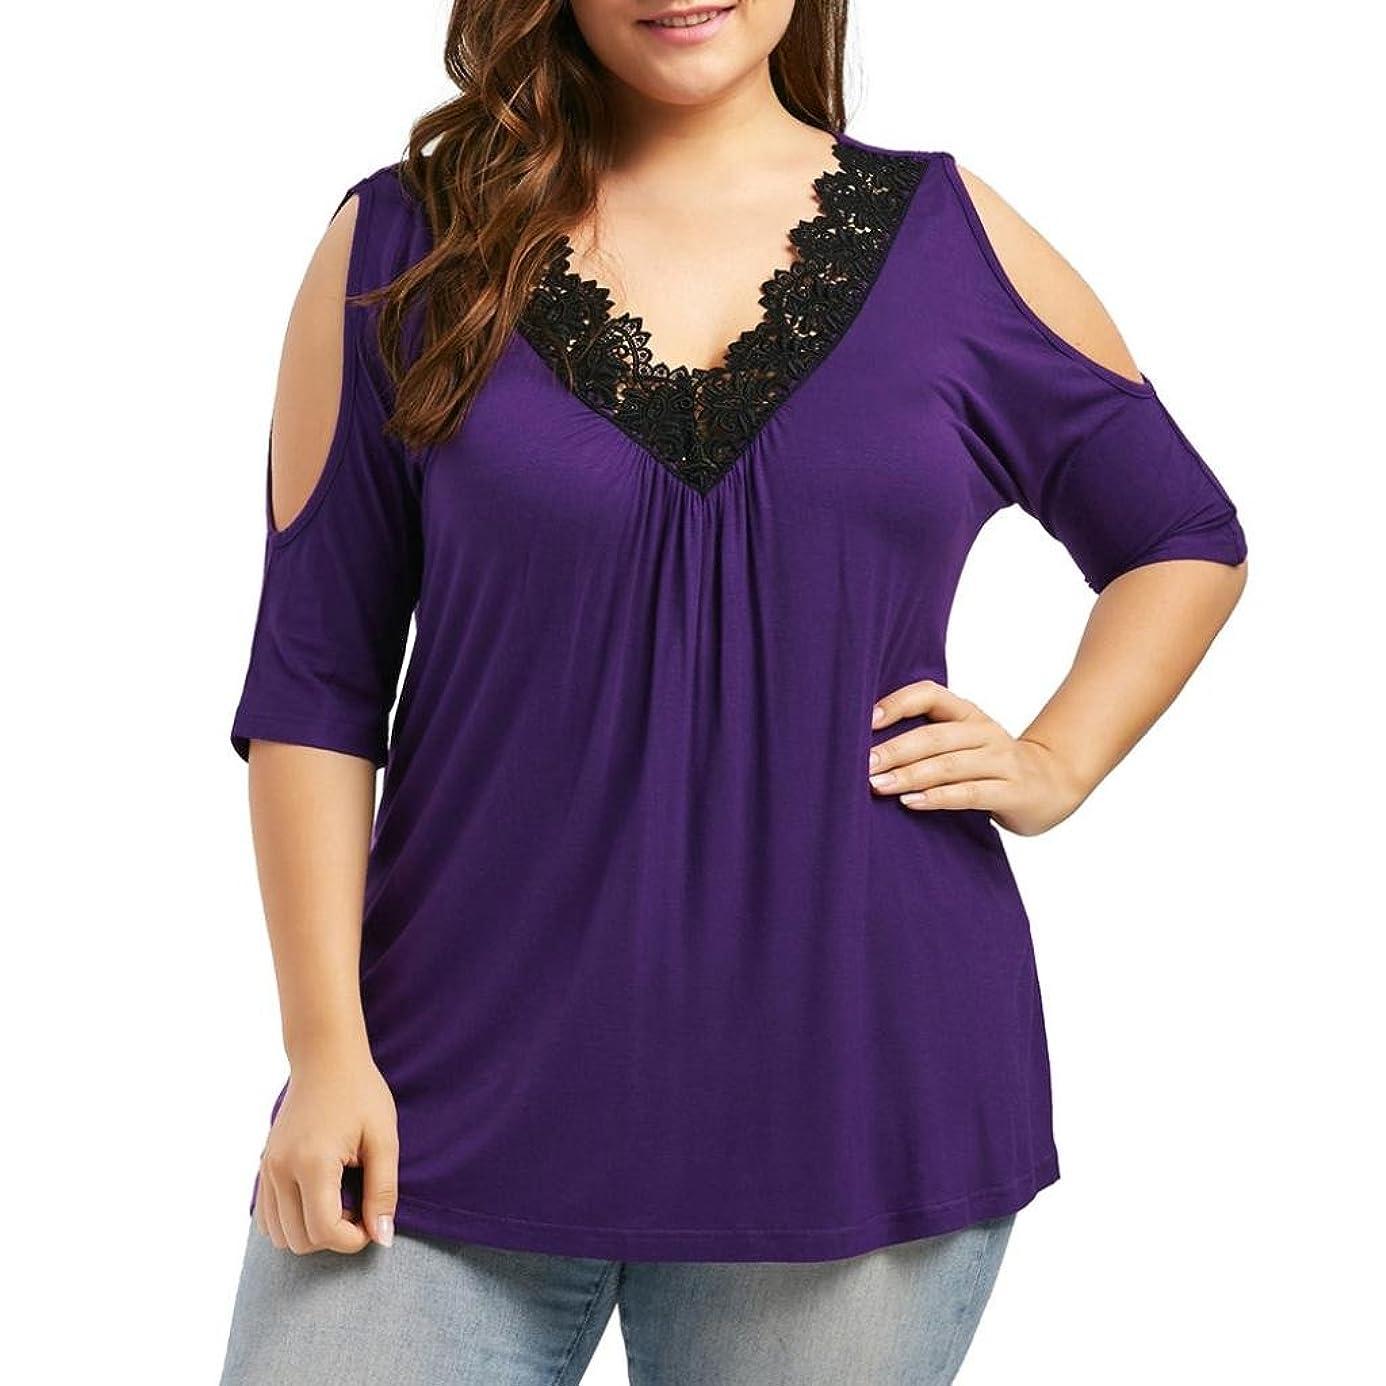 Laimeng Womens Plus Size Blouse Lace Trim V Neck Tops Cold Shoulder T-Shirt for Women qyh3120423